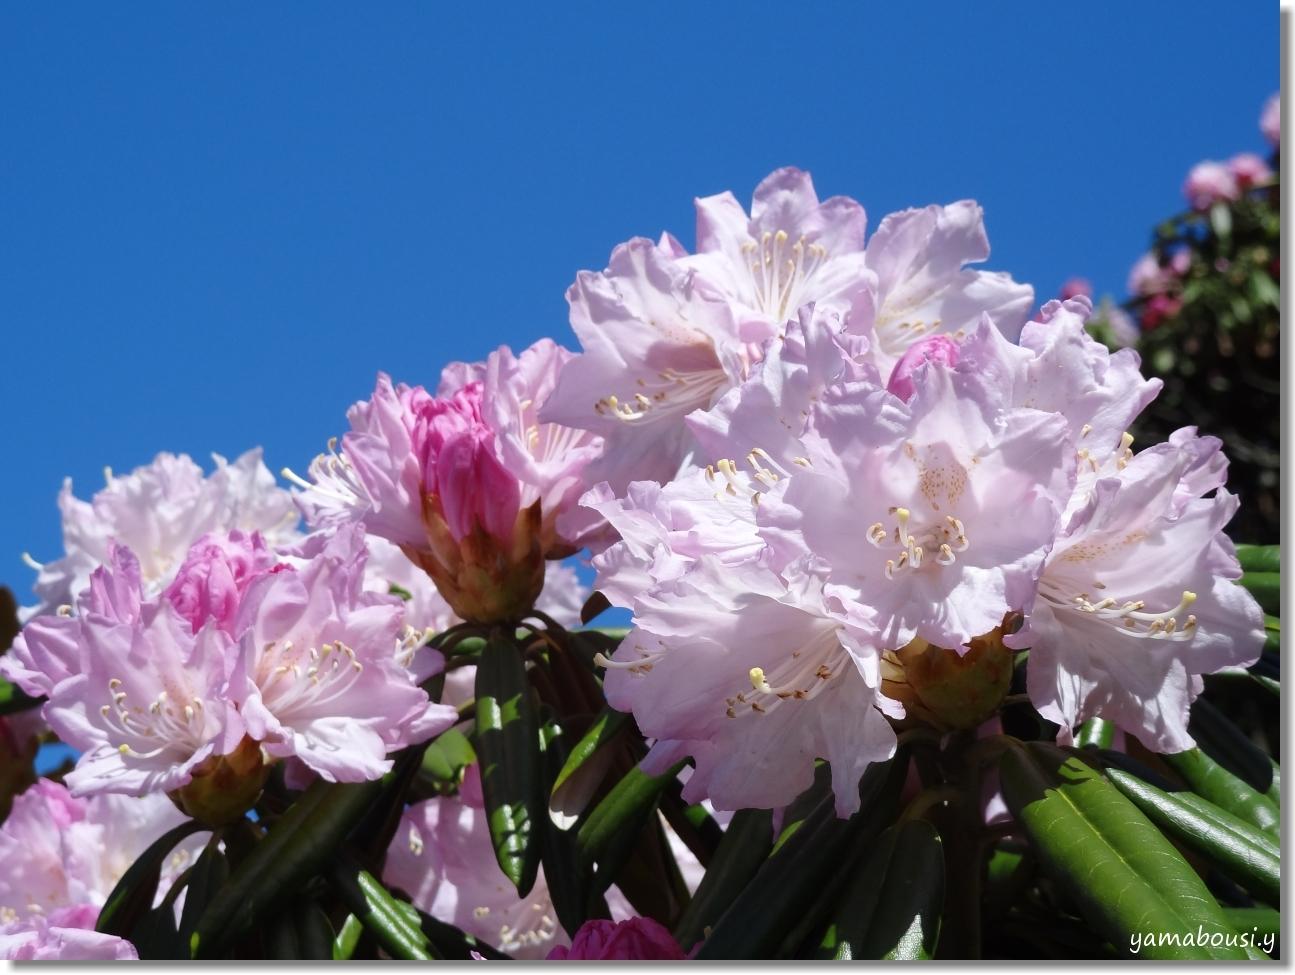 輝く花のように 4